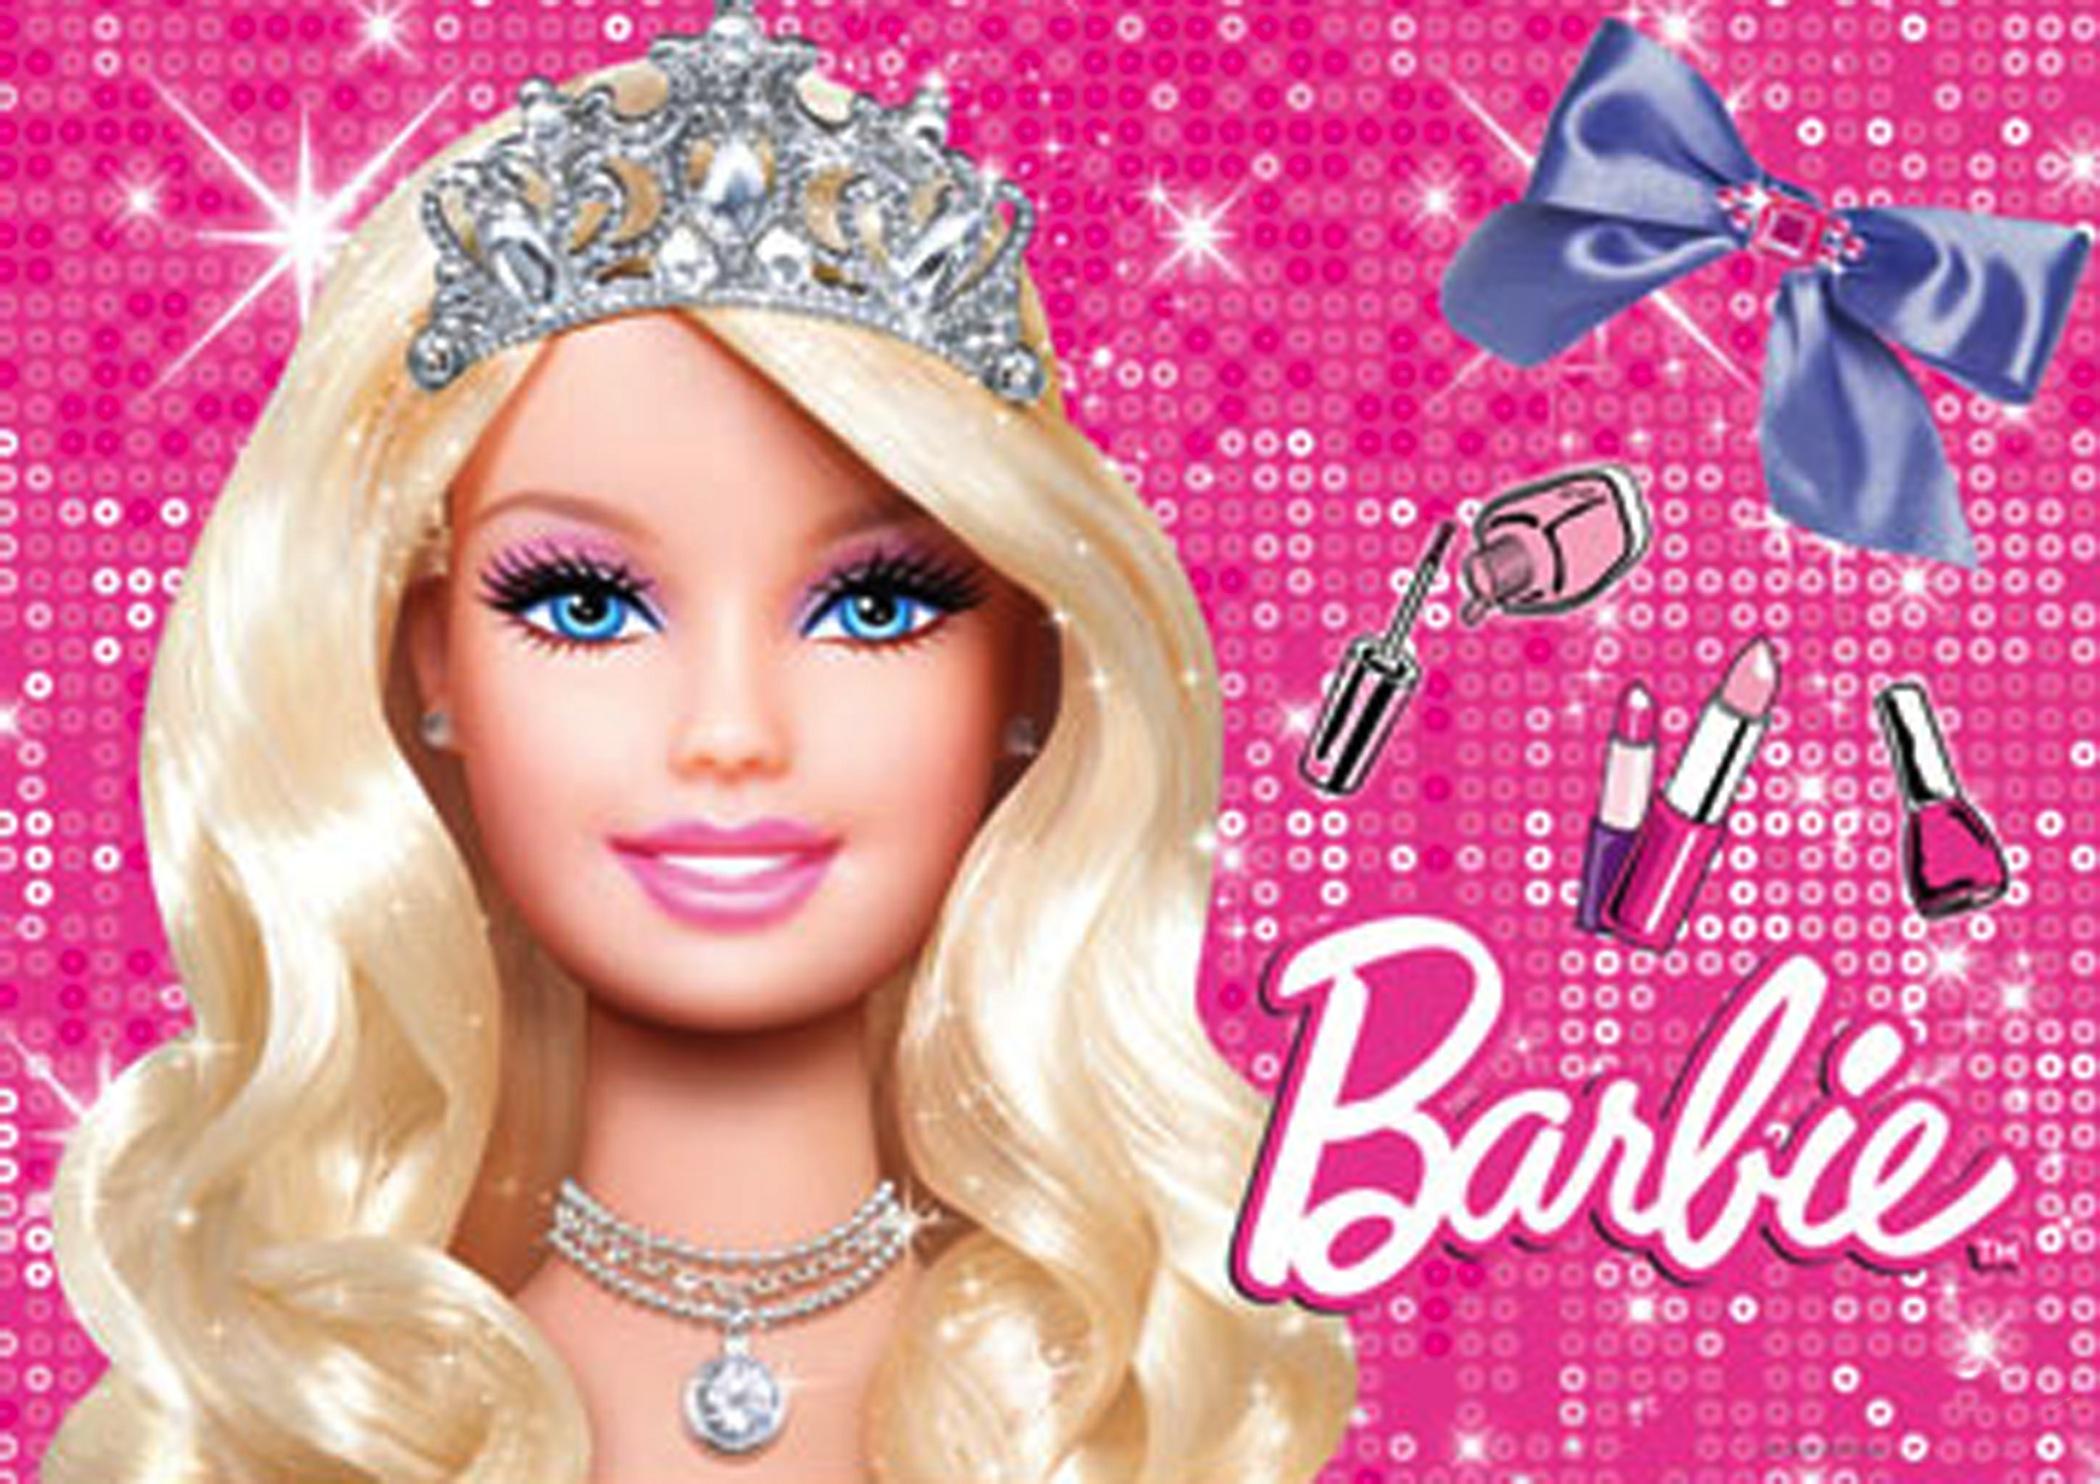 Barbie quand la poupée commence vraiment à ressembler